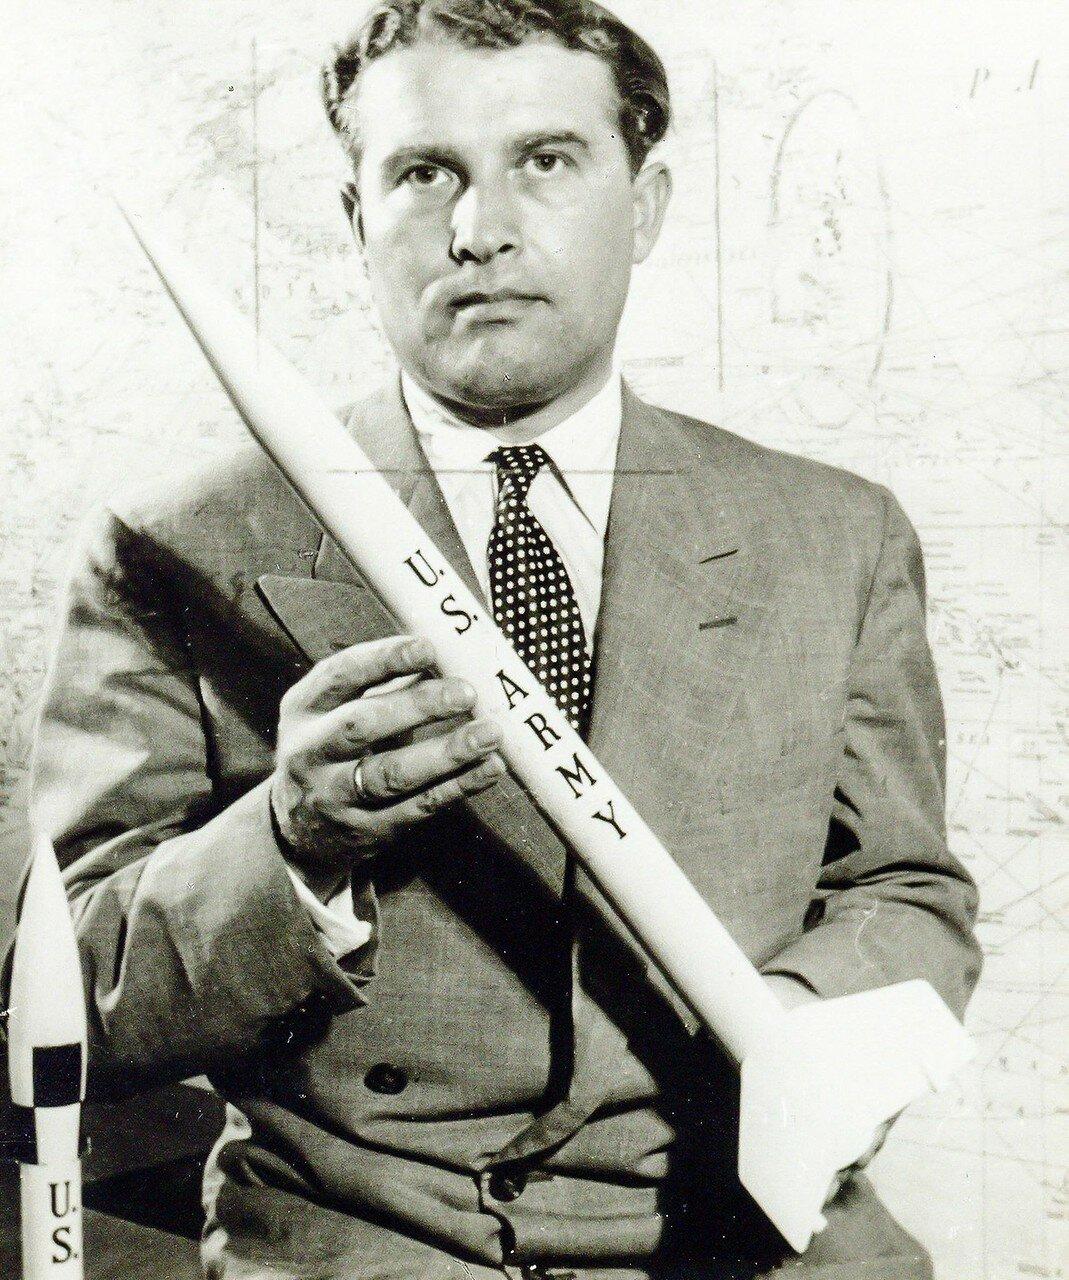 08. 1958, февраль. Научная группа Вернер фон Браун празднует успех «Эксплорер-1» и открытие радиационных поясов вокруг Земли названных поясами ван Аллена.